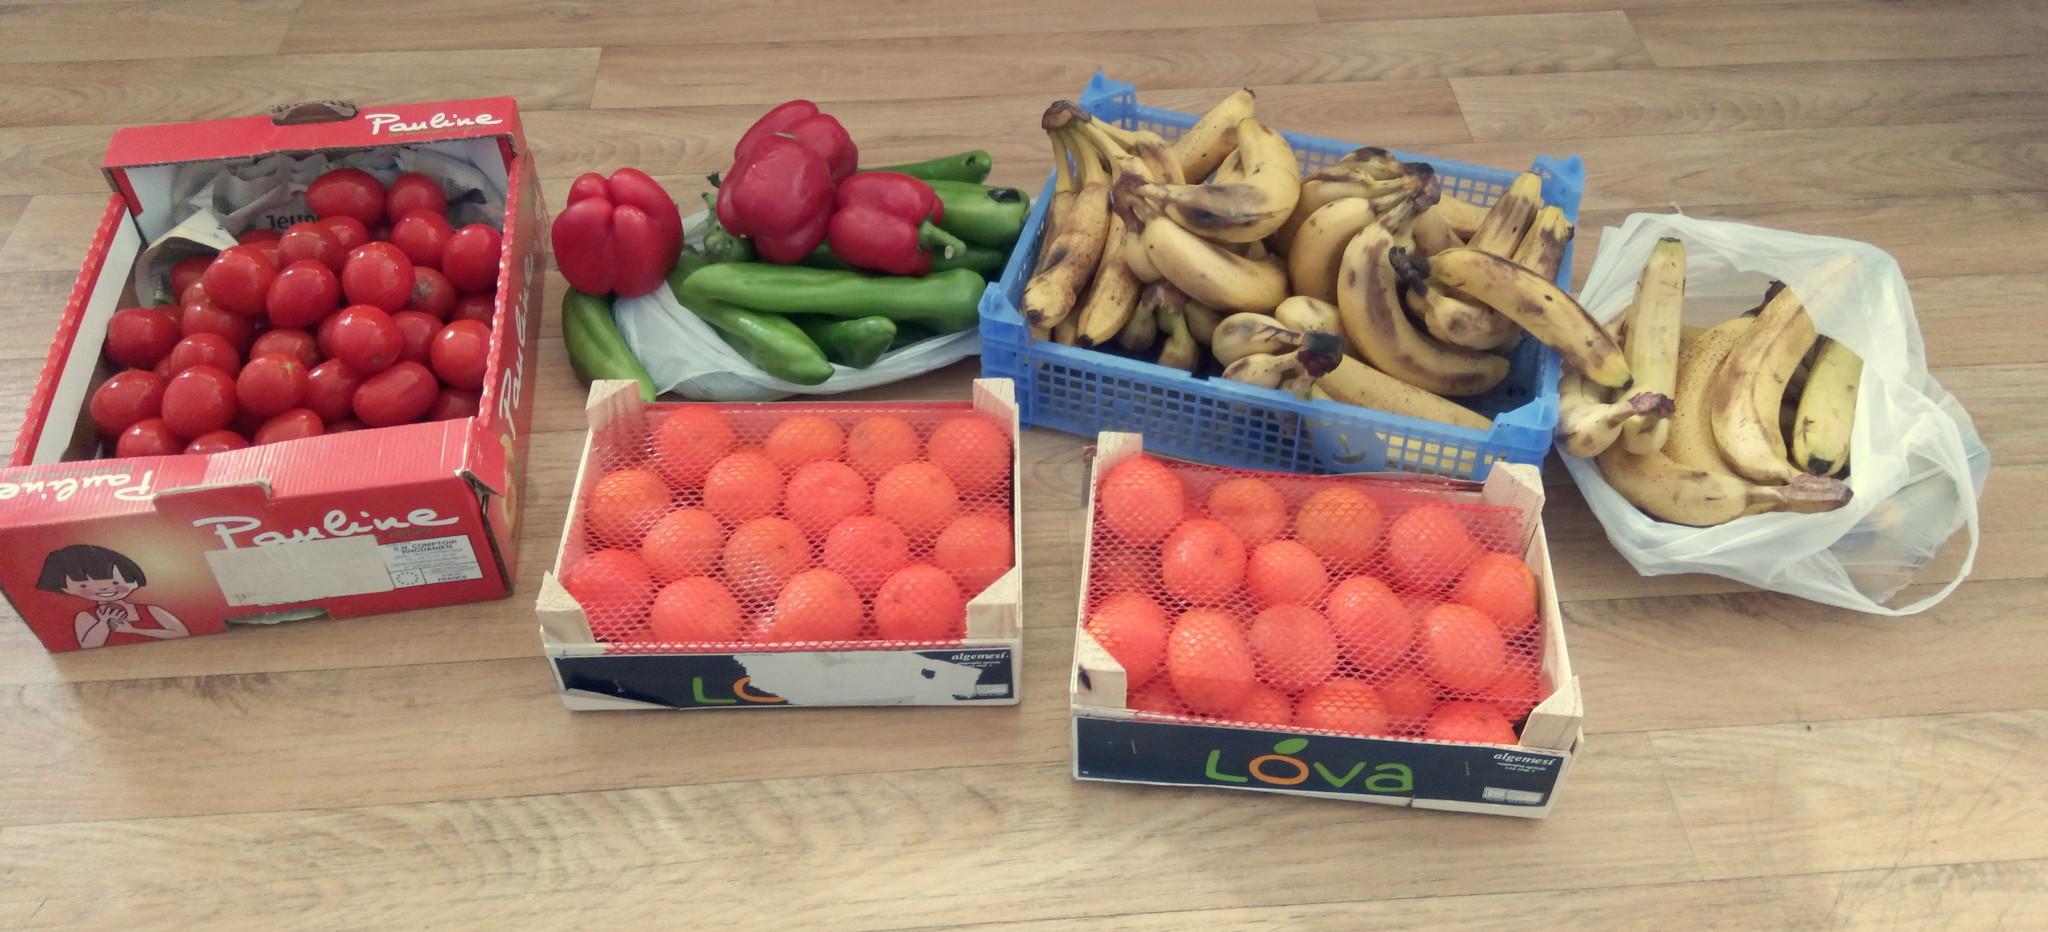 Récup' des marchés banane tomate poivron